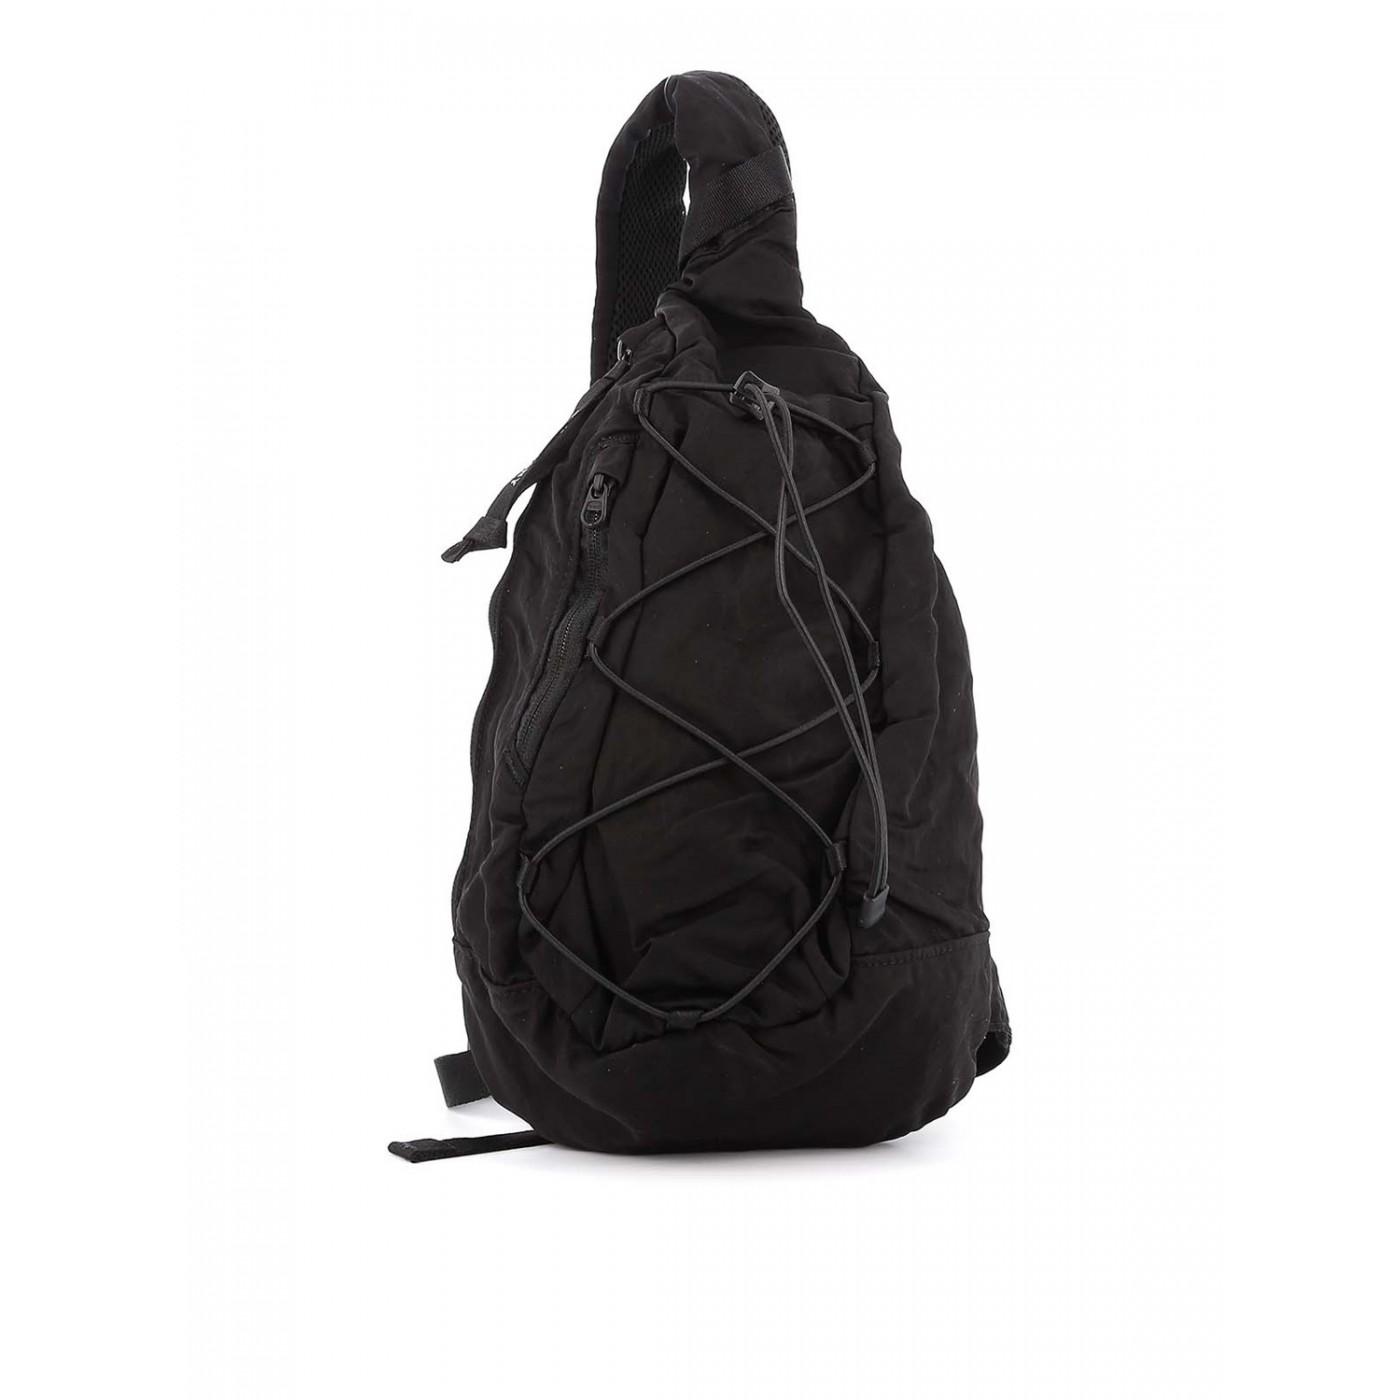 Sac CP Company back pack black